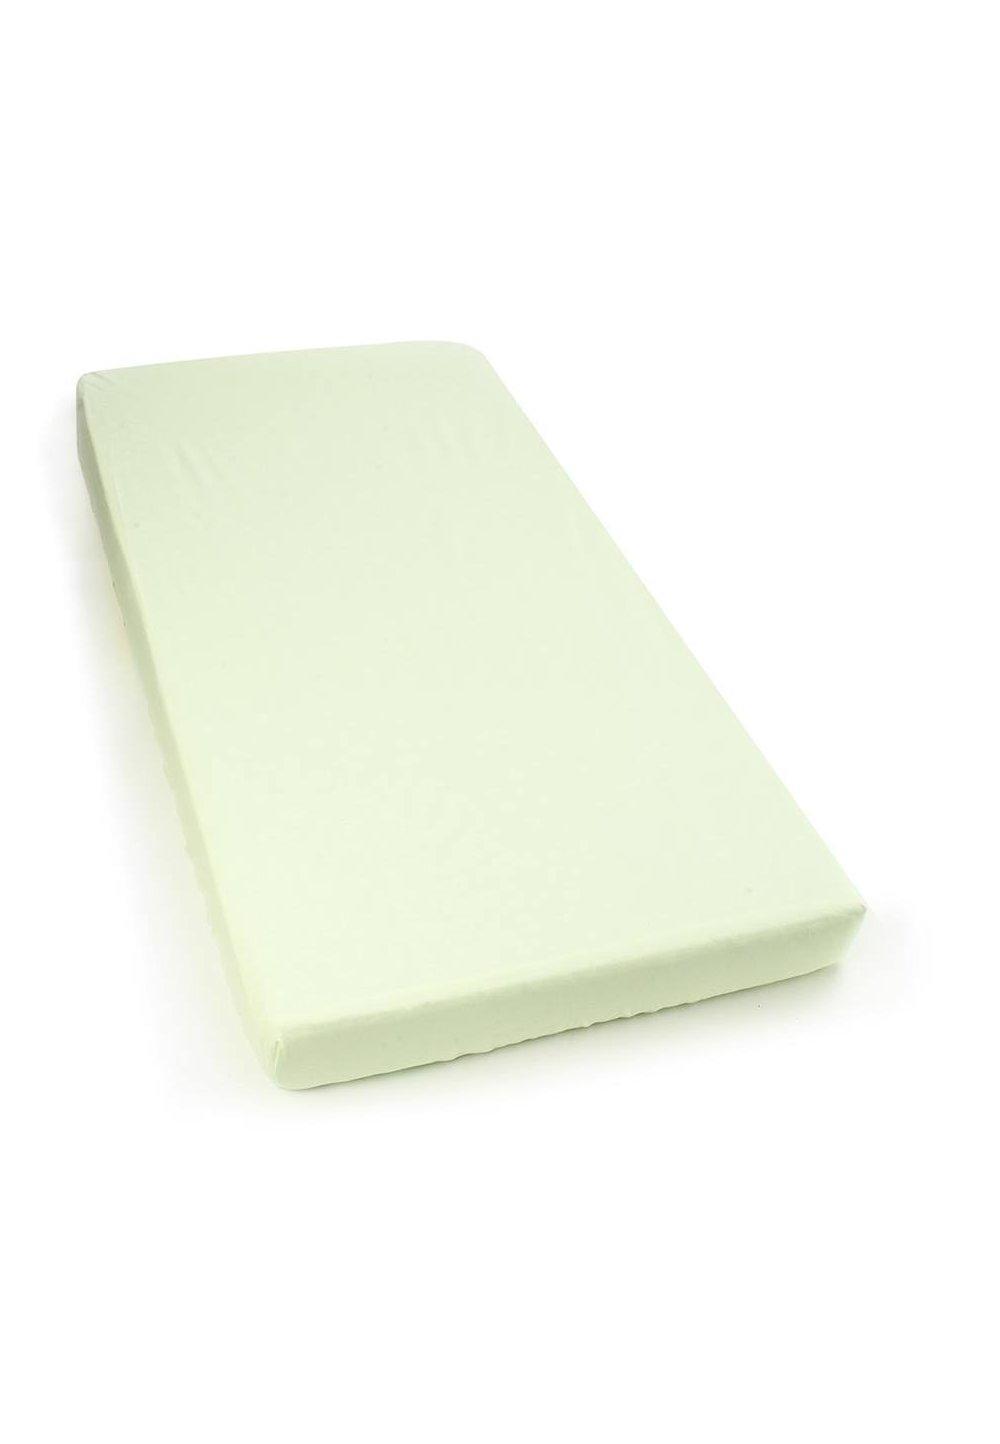 Cearceaf bumbac, verde deschis, 120 X 60 cm imagine